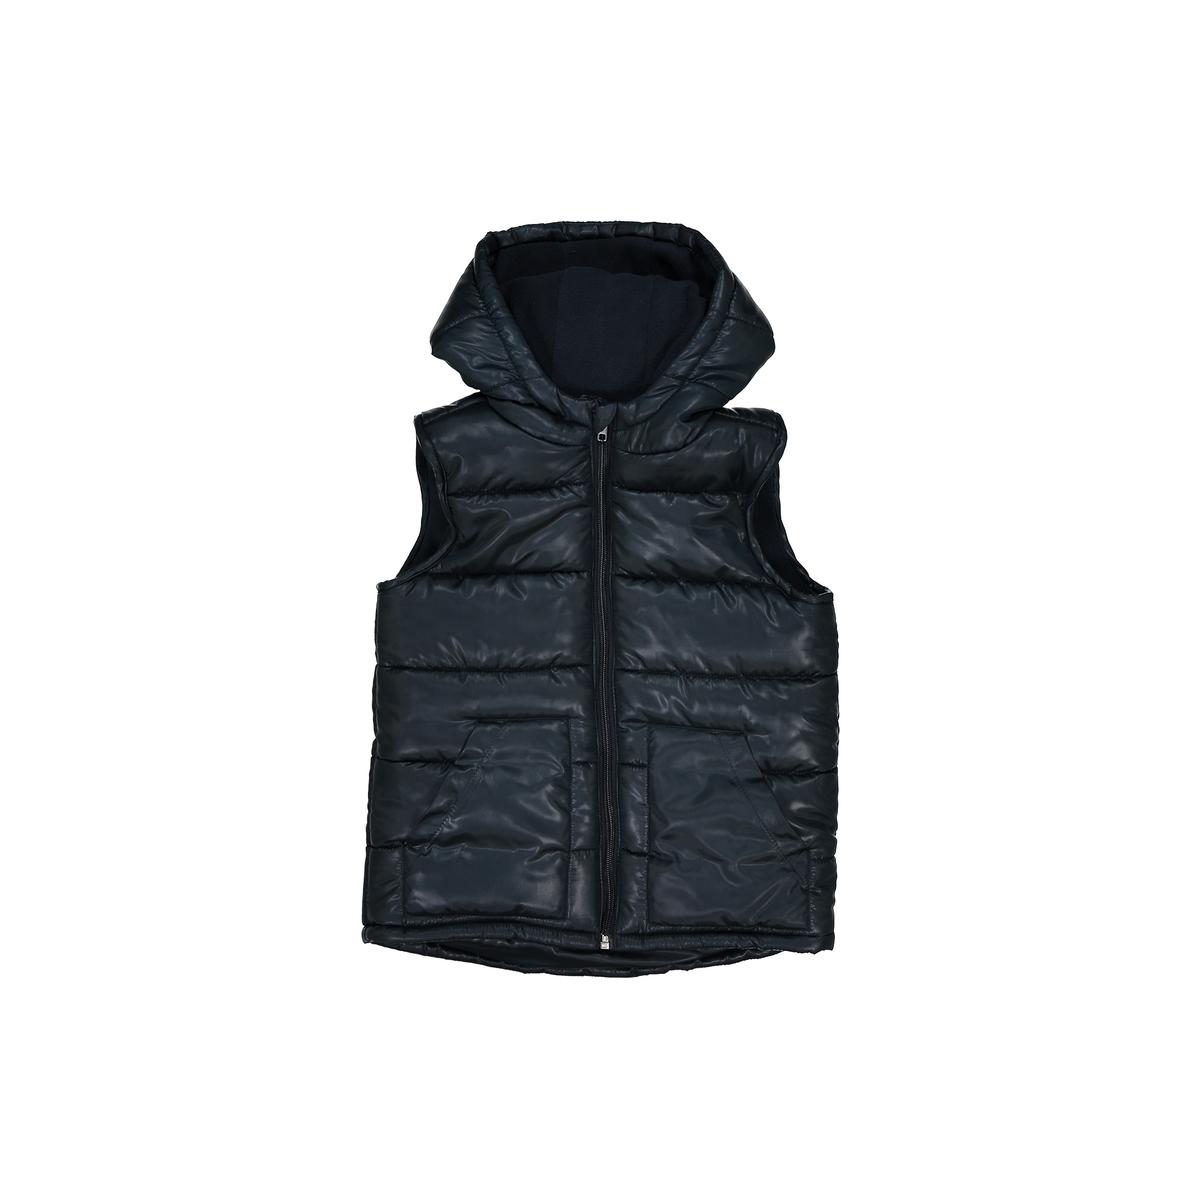 Стеганая куртка без рукавов, 3-12 летДетали •  Демисезонная модель •  Непромокаемая •  Застежка на молнию •  С капюшоном •  Длина  : средняяСостав и уход •  100% полиэстер •  Температура стирки 30° •  Сухая чистка и отбеливатели запрещены •  Не использовать барабанную сушку •  Не гладить<br><br>Цвет: синий морской<br>Размер: 3 года - 94 см.12 лет -150 см.10 лет - 138 см.8 лет - 126 см.6 лет - 114 см.5 лет - 108 см.4 года - 102 см